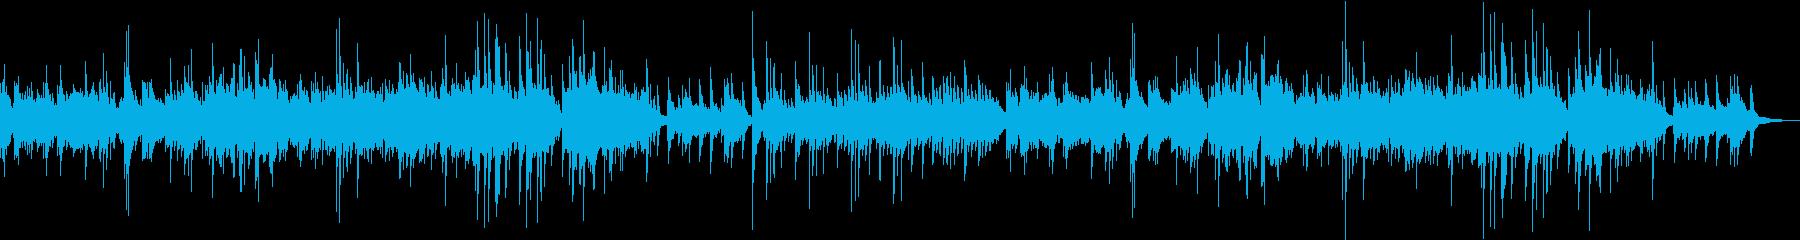 ピアノソロによるヒーリングミュージックの再生済みの波形